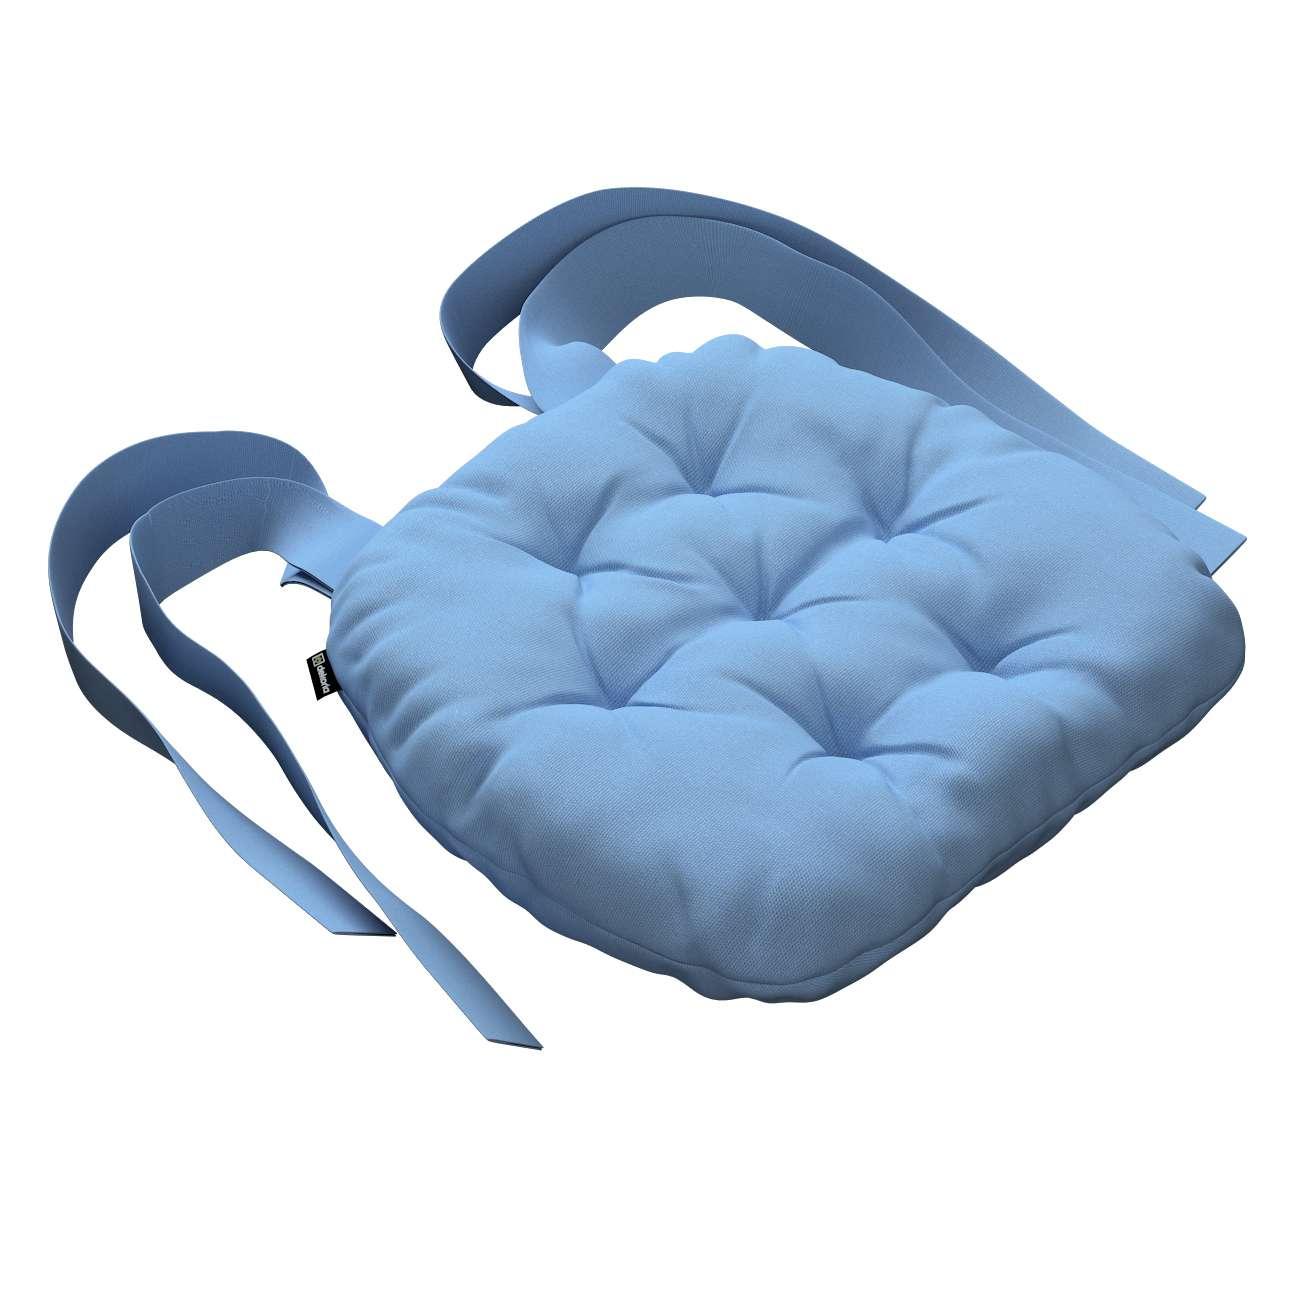 Siedzisko Marcin na krzesło 40x37x8cm w kolekcji Loneta, tkanina: 133-21